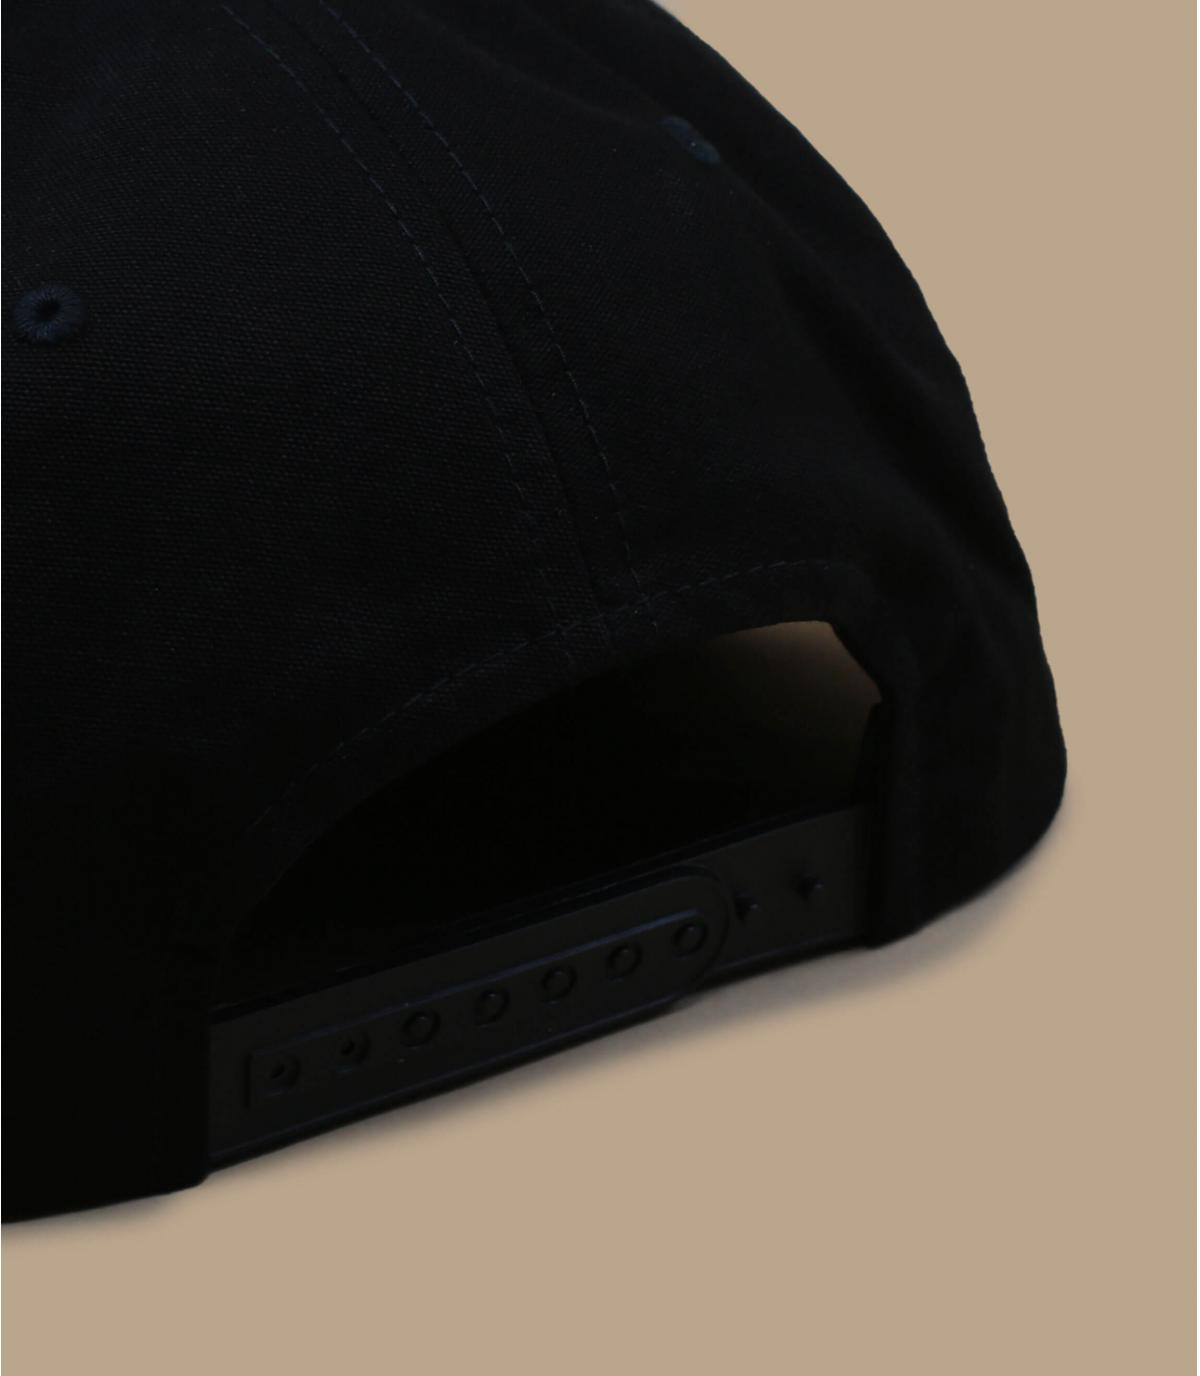 Détails Quarter Fabric blackout - image 3